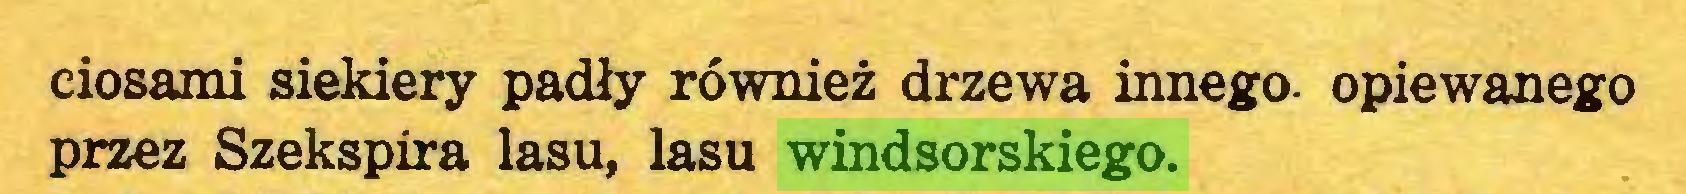 (...) ciosami siekiery padły również drzewa innego- opiewanego przez Szekspira lasu, lasu windsorskiego...